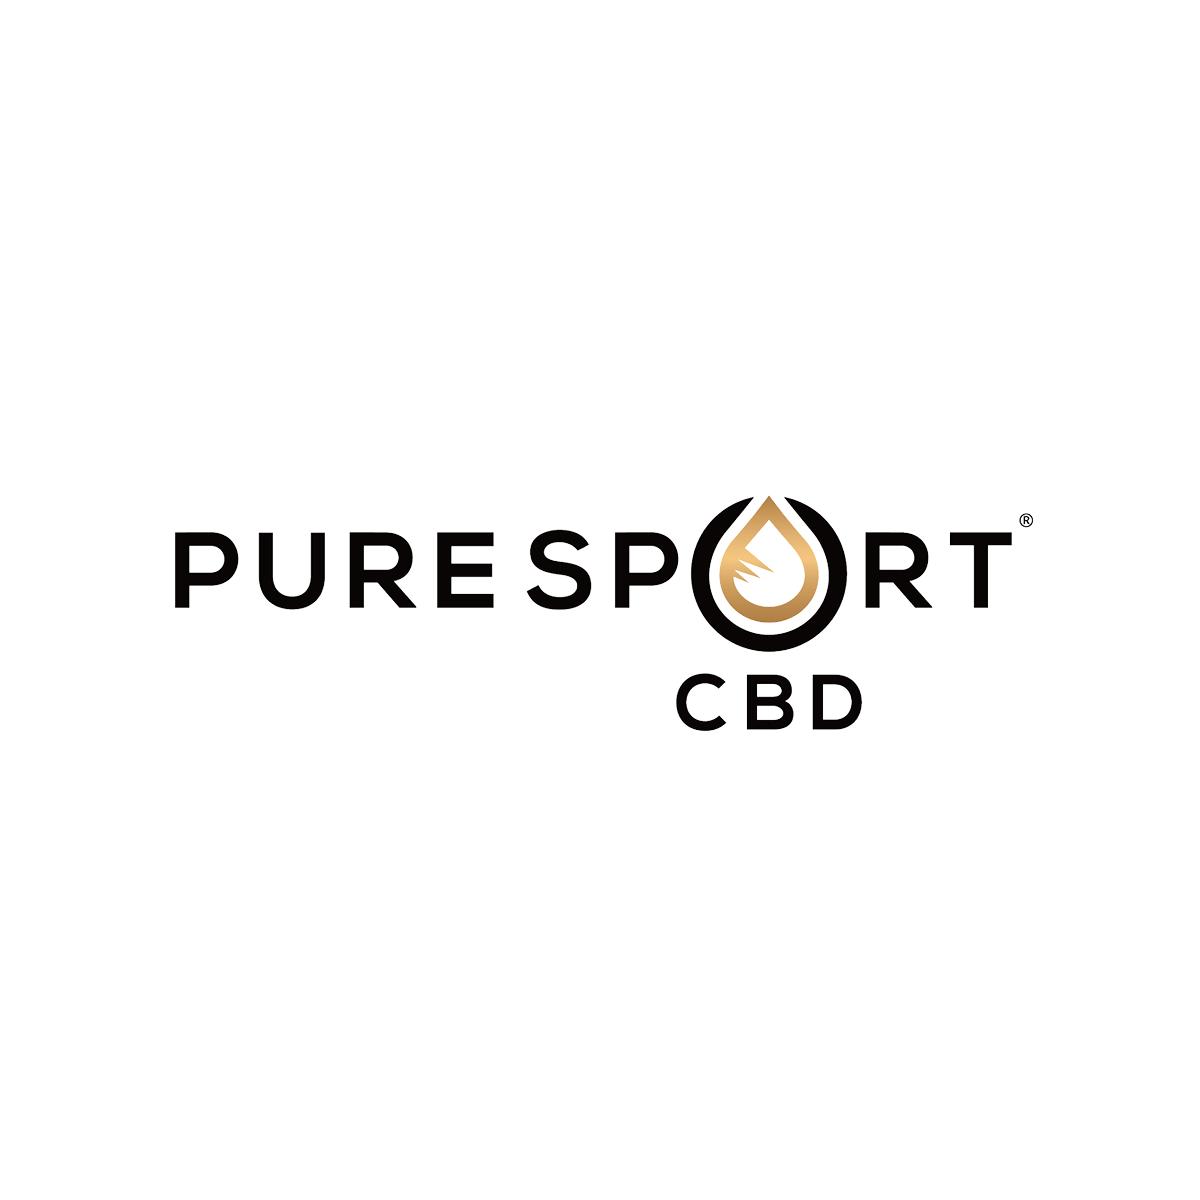 Pure Sport CBD